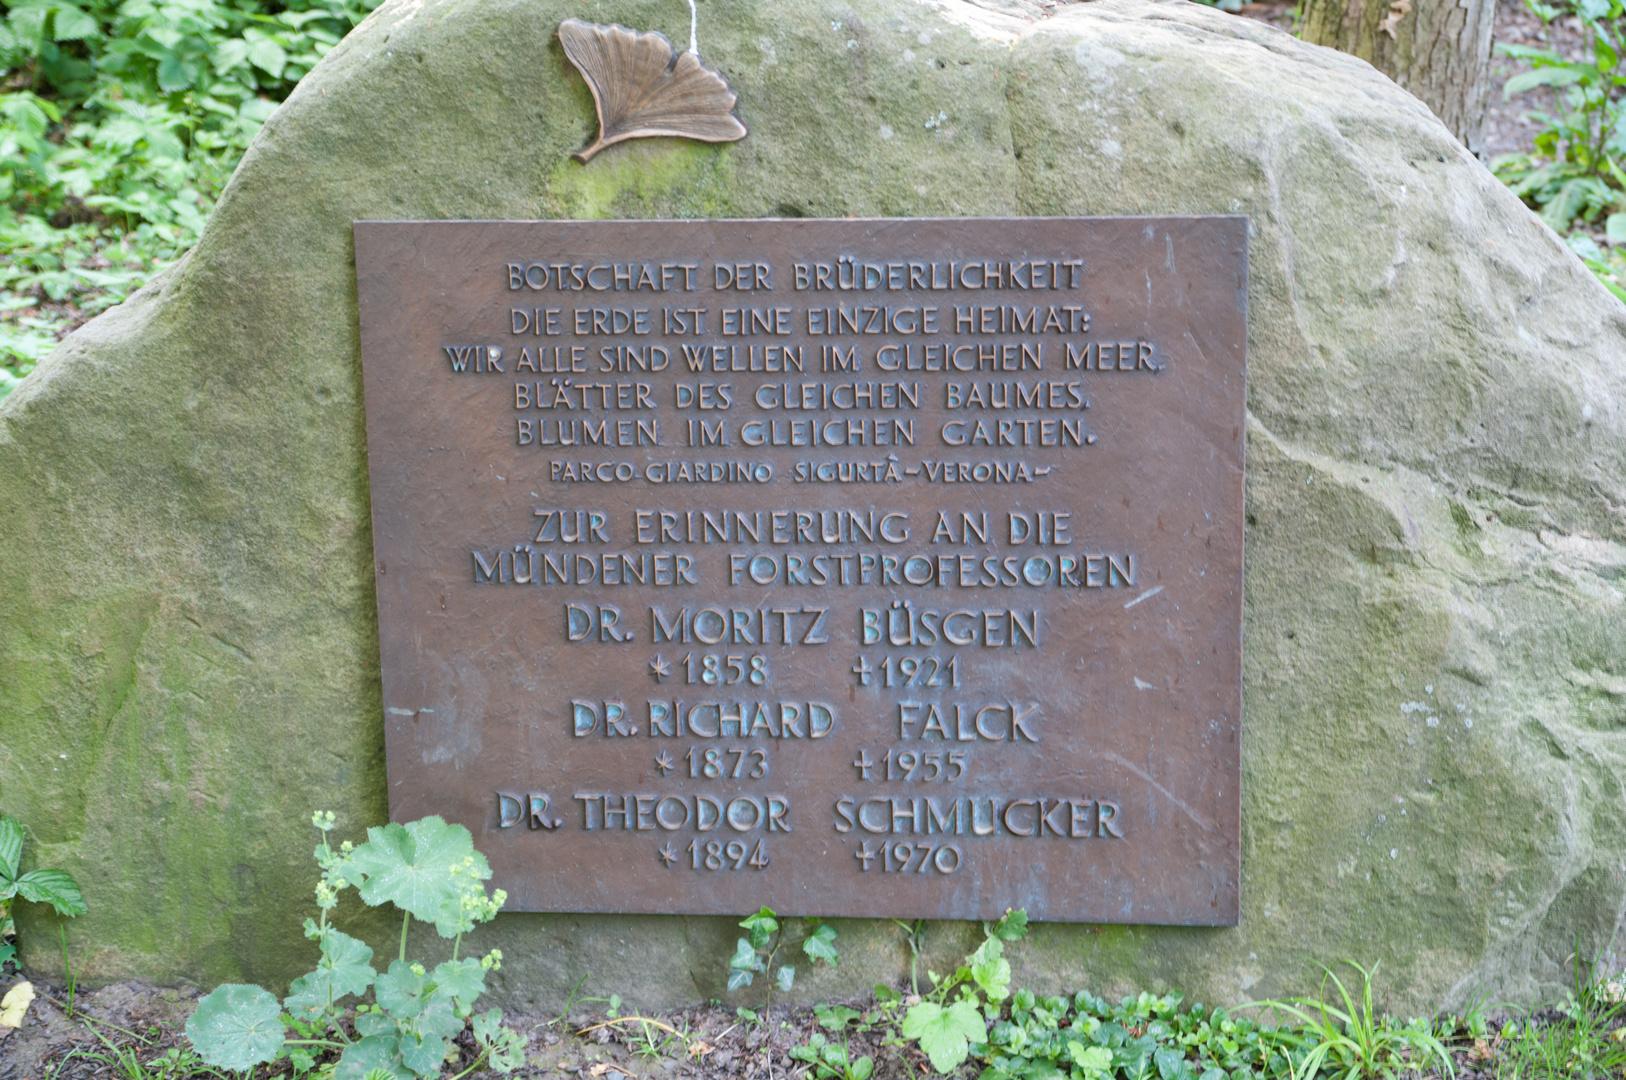 Denkmal im Botanischen Garten Hann.Münden